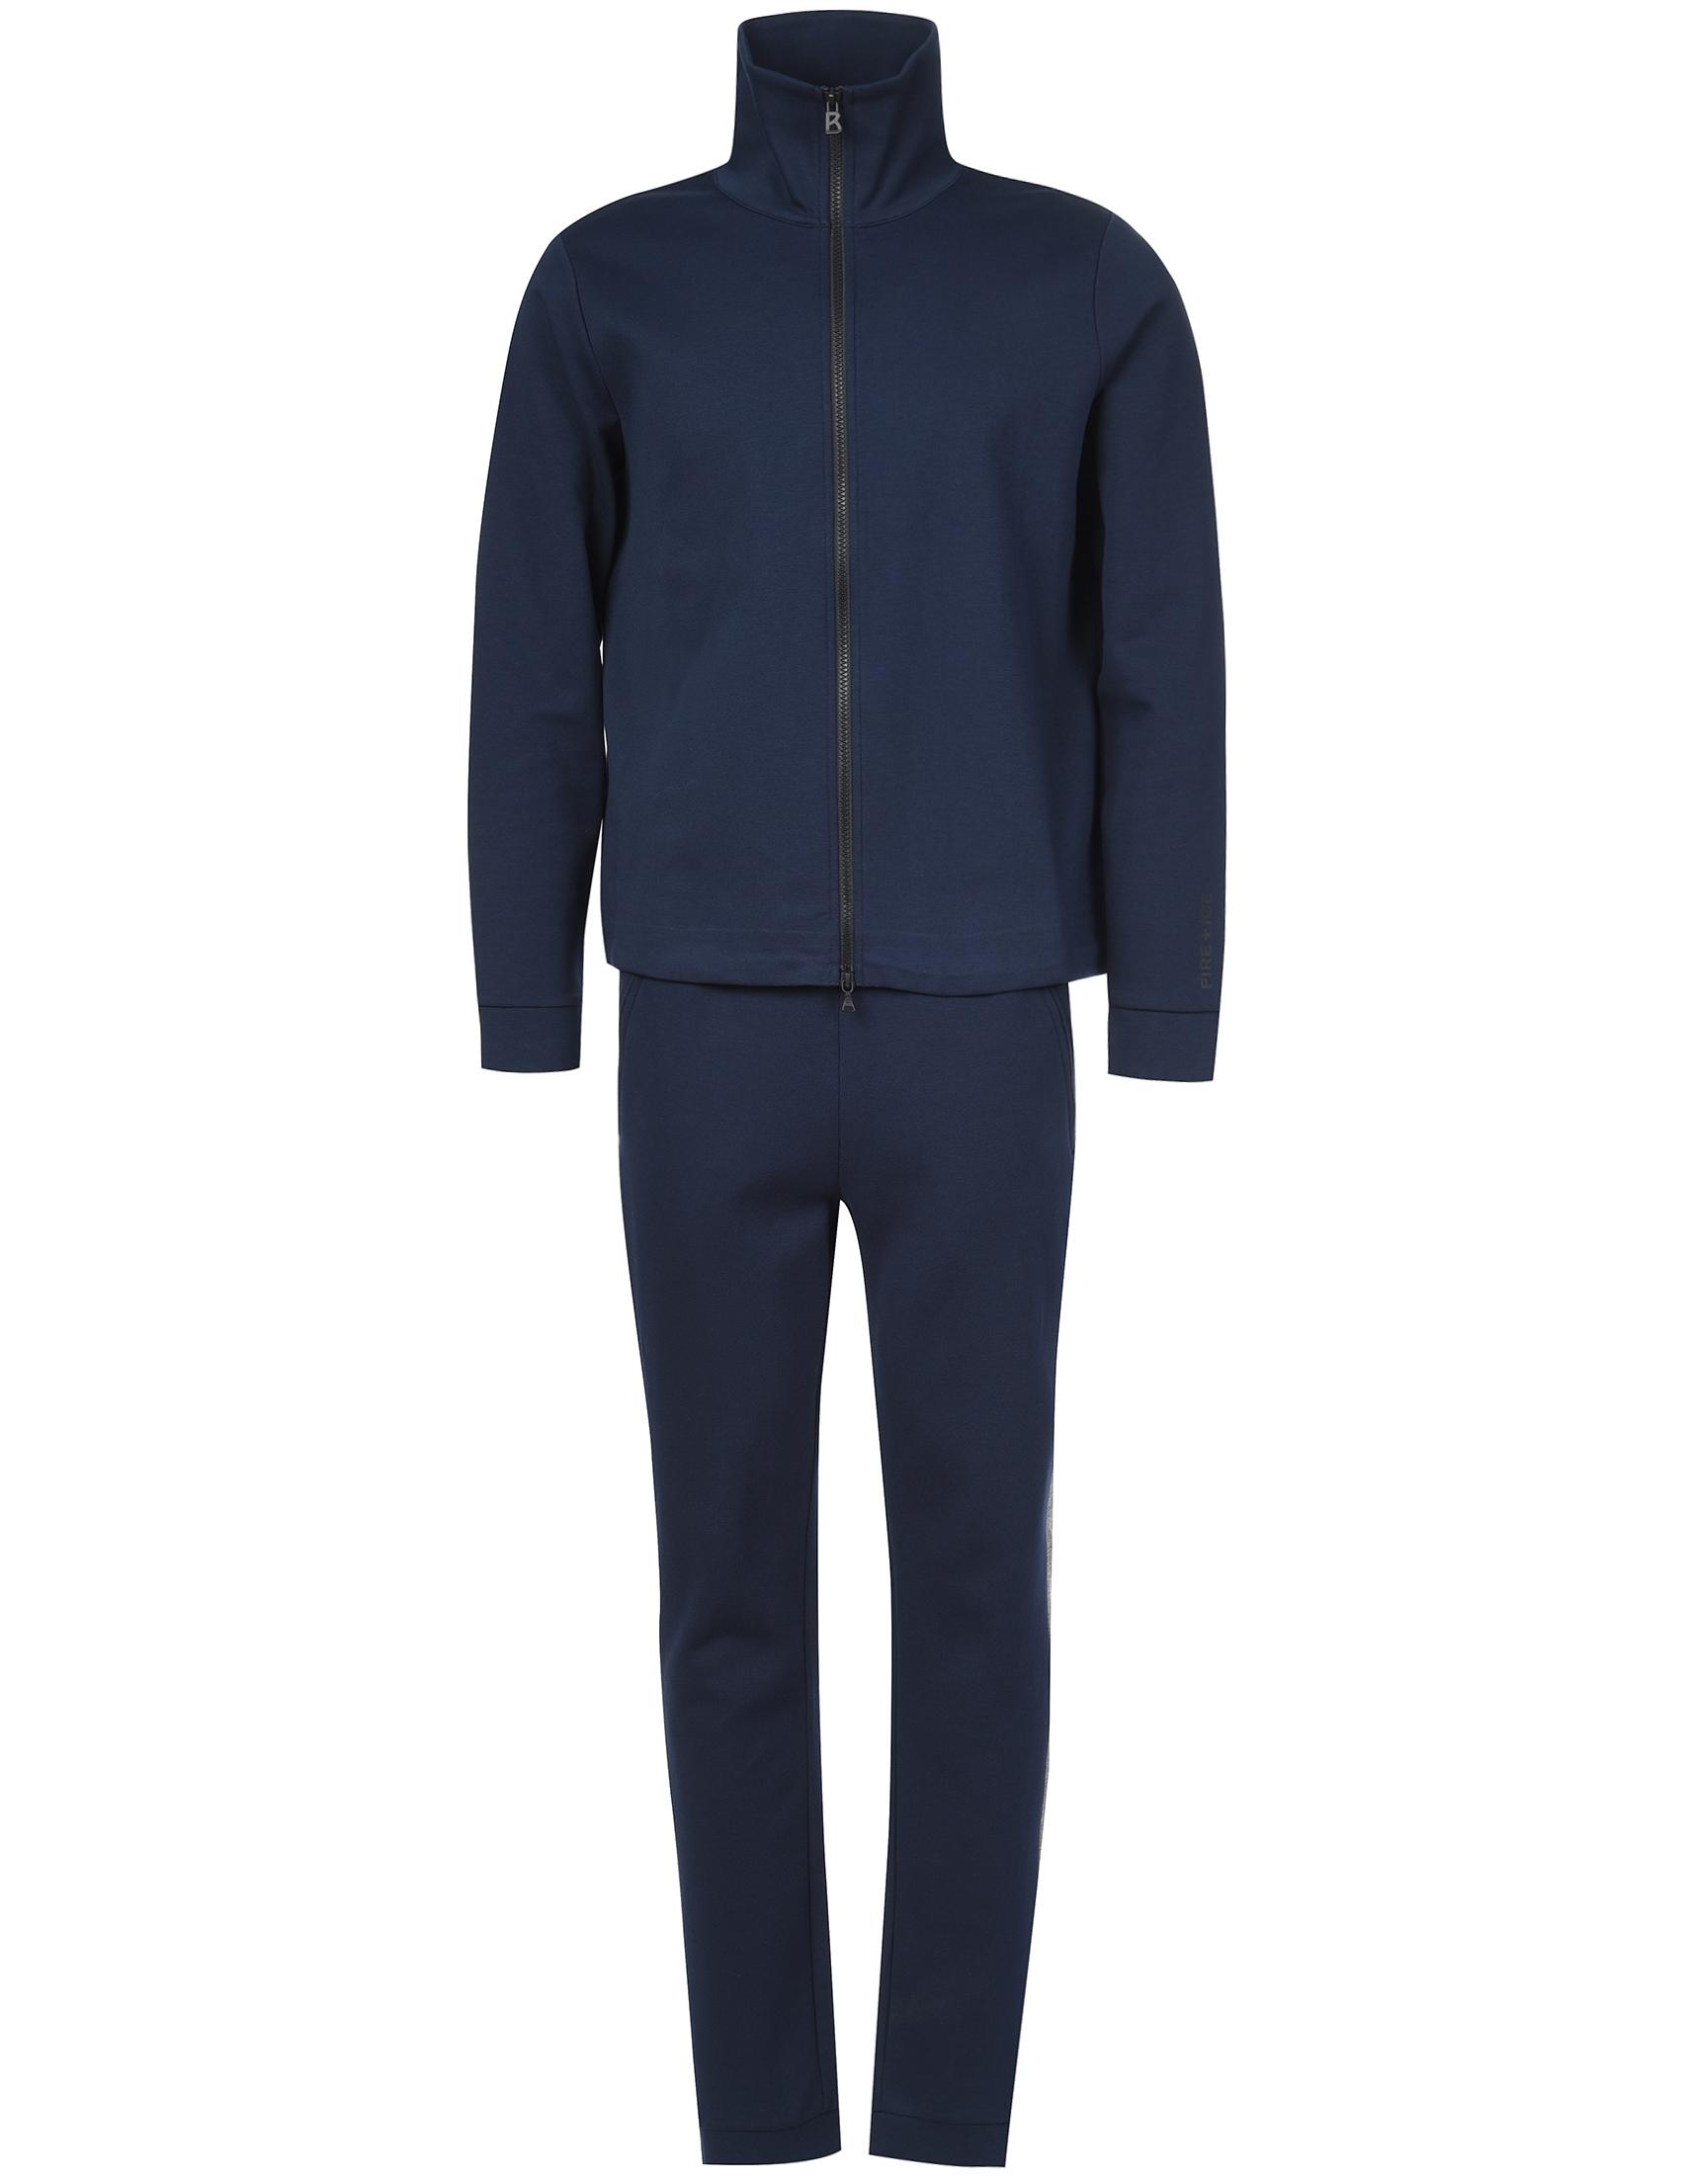 Купить Спортивный костюм, BOGNER, Синий, 65%Хлопок 35%Полиэстер, Осень-Зима